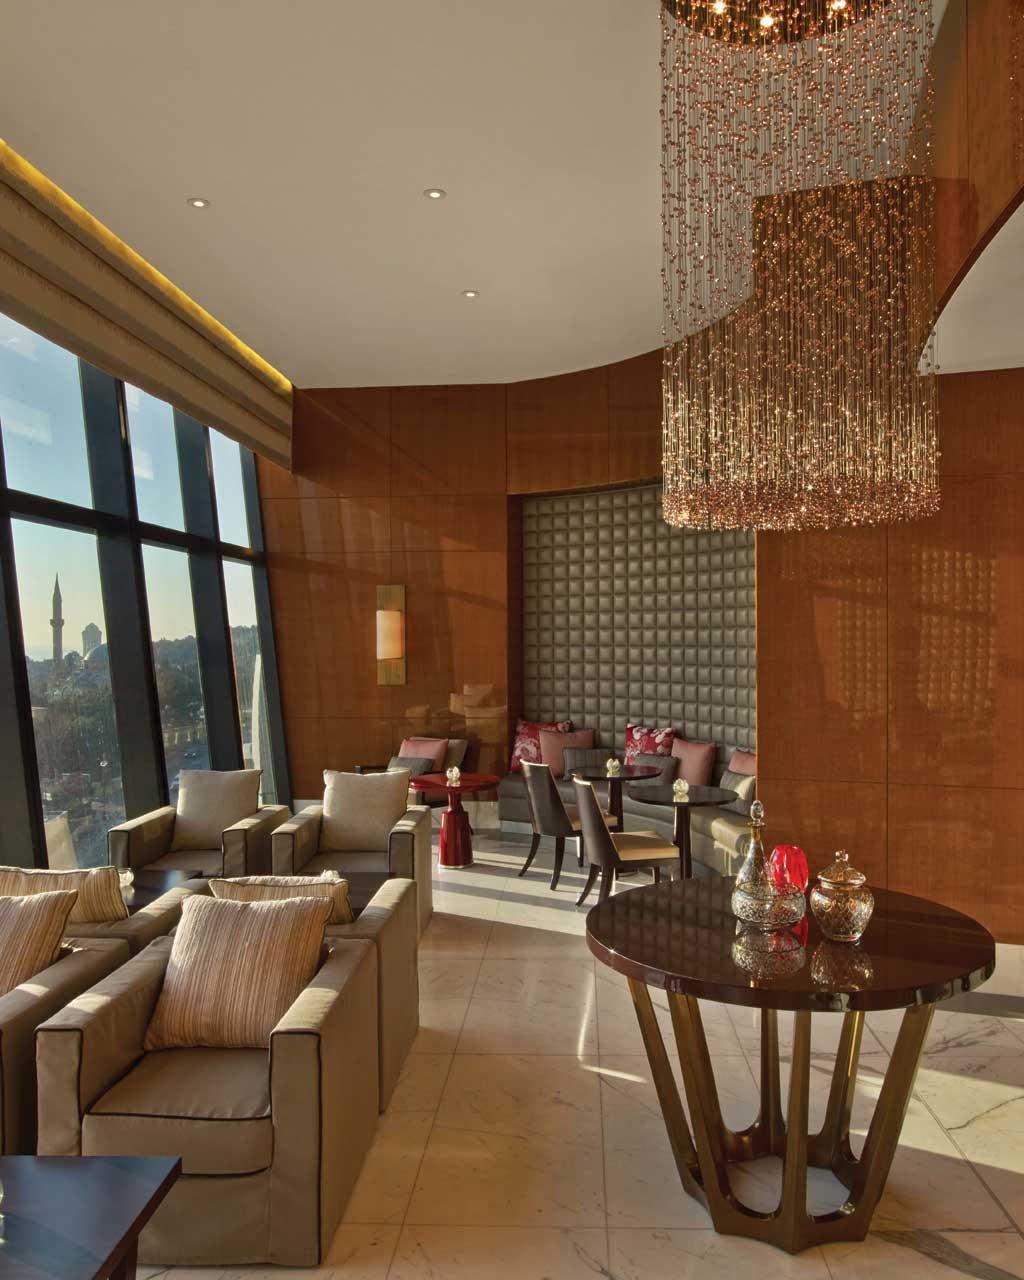 Espa at Baku Flame Towers Fairmont 8